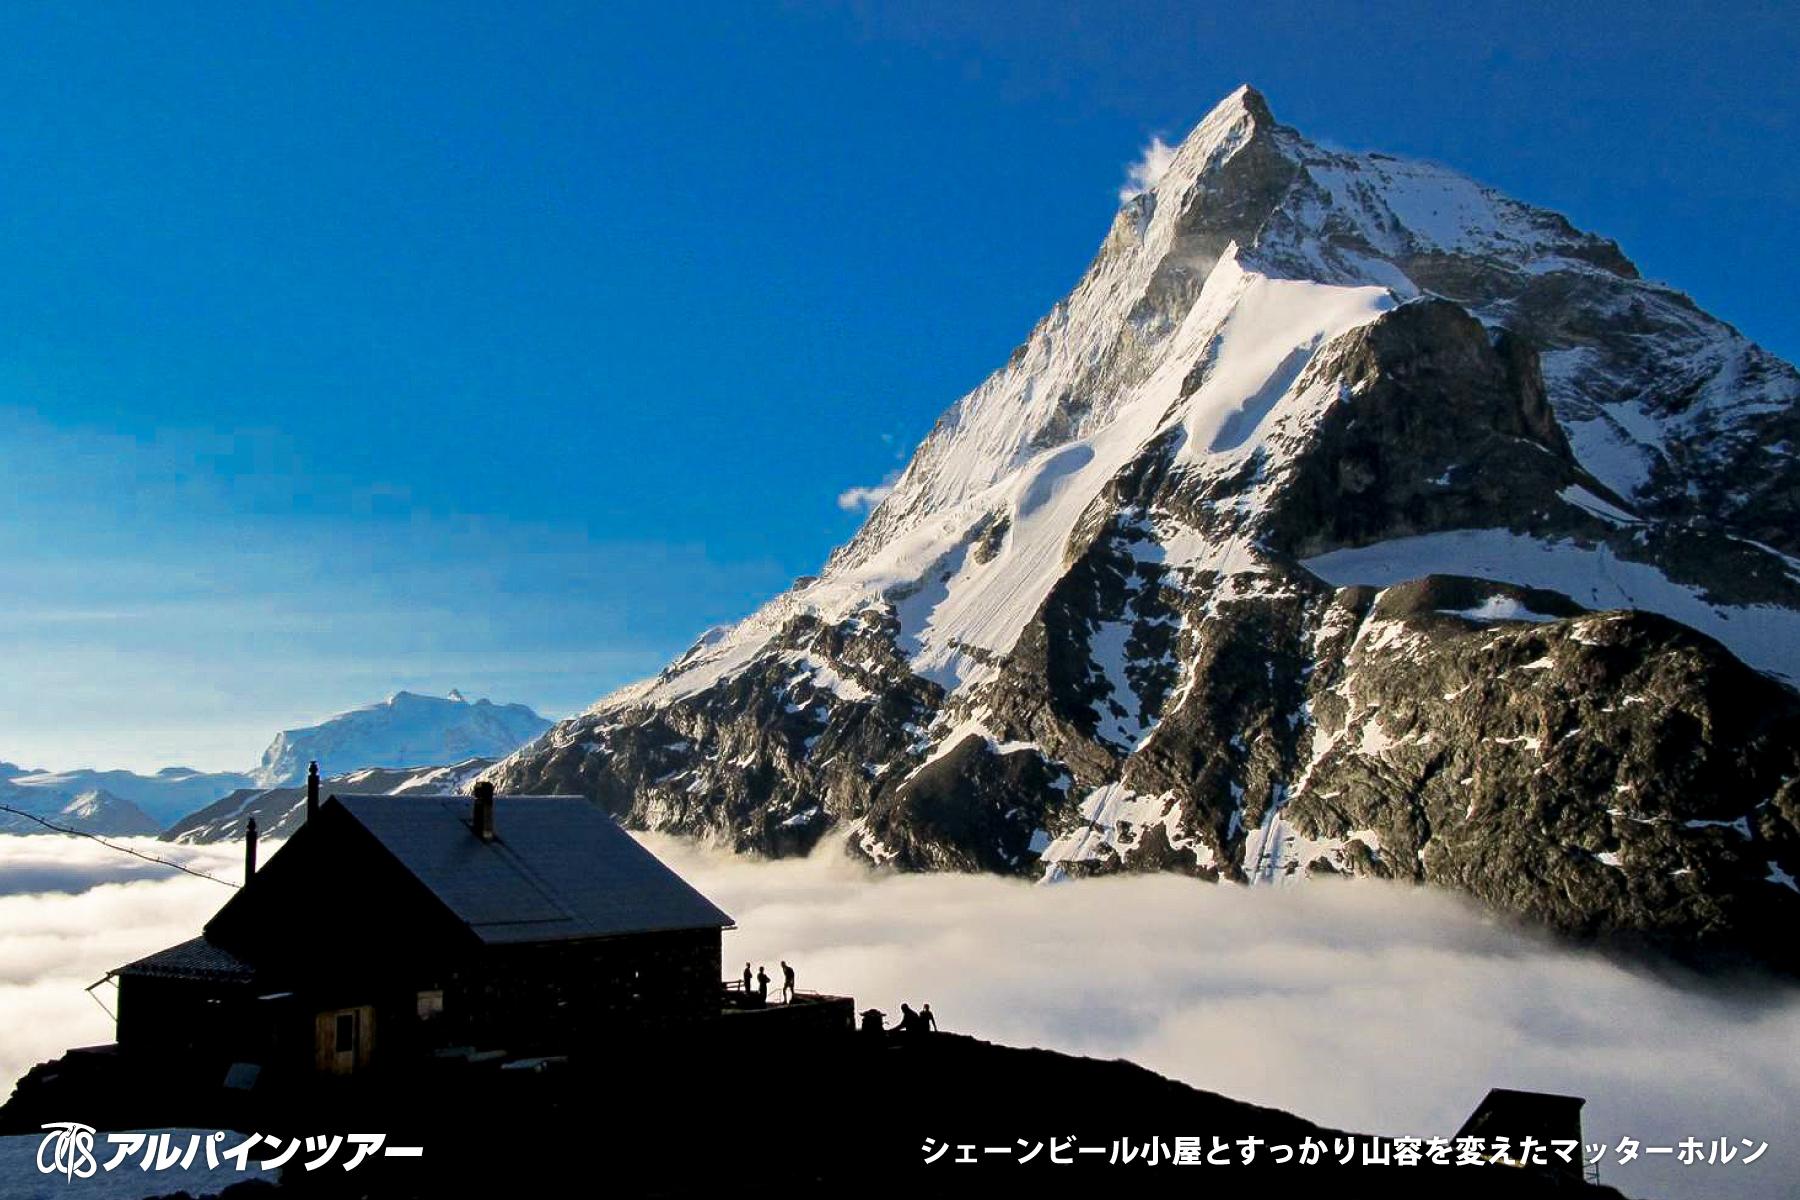 【エリア紹介】 山小屋泊で楽しむスイス・アルプス